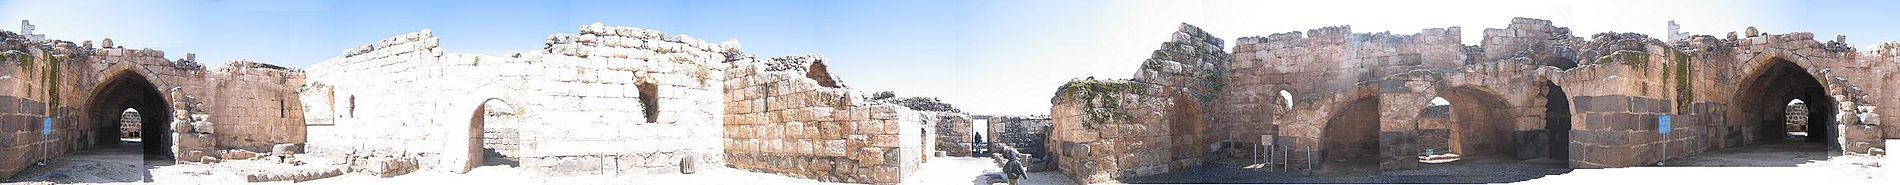 תמונה פנורמית (380°~) של החצר הפנימית. השער שבצידי התמונה הוא שער הכניסה למבצר הפנימי.